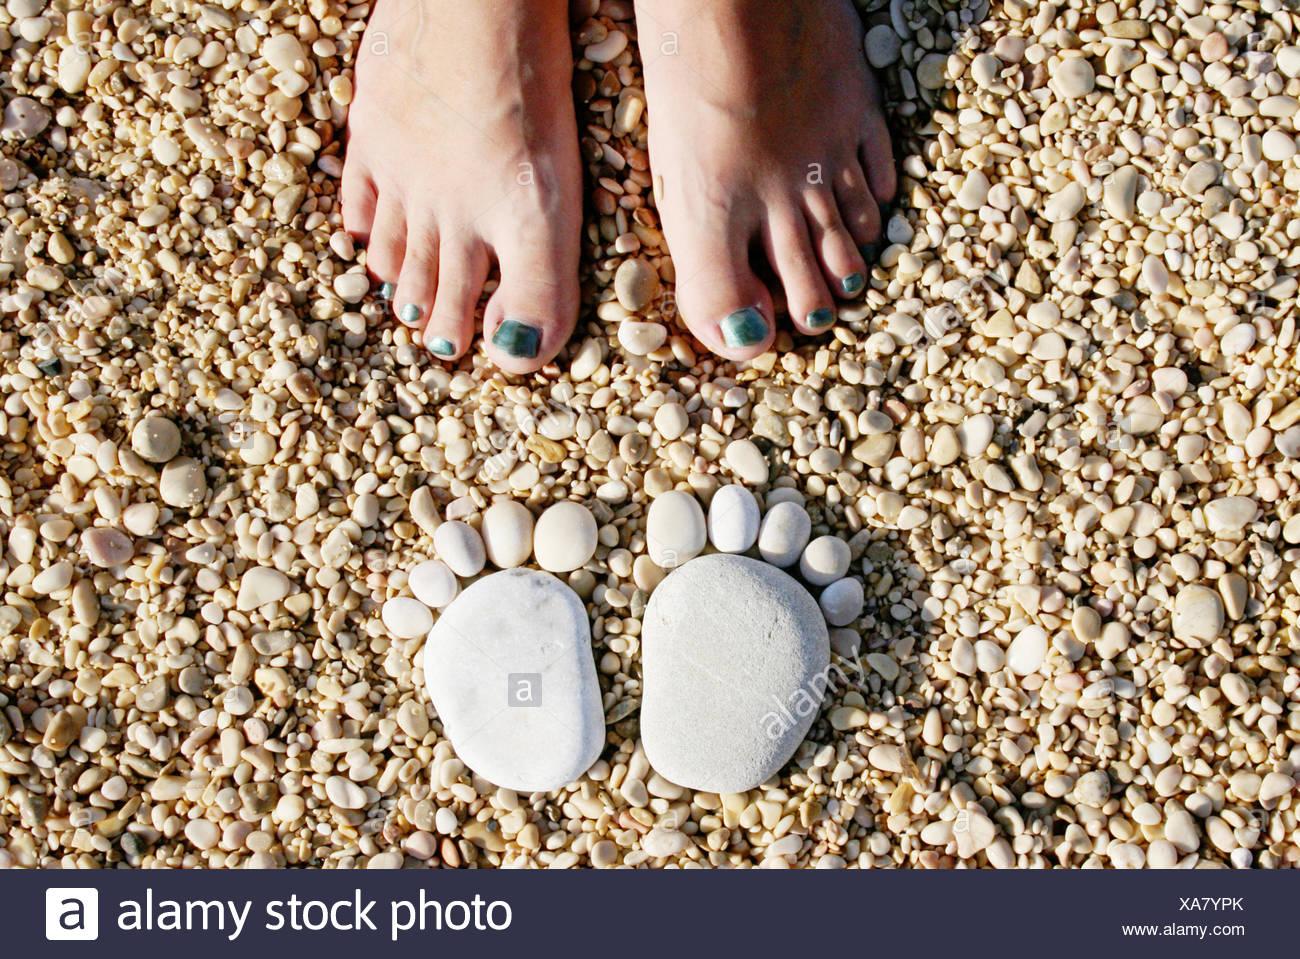 Croacia, piedras en forma de pies delante de los pies de la mujer Imagen De Stock